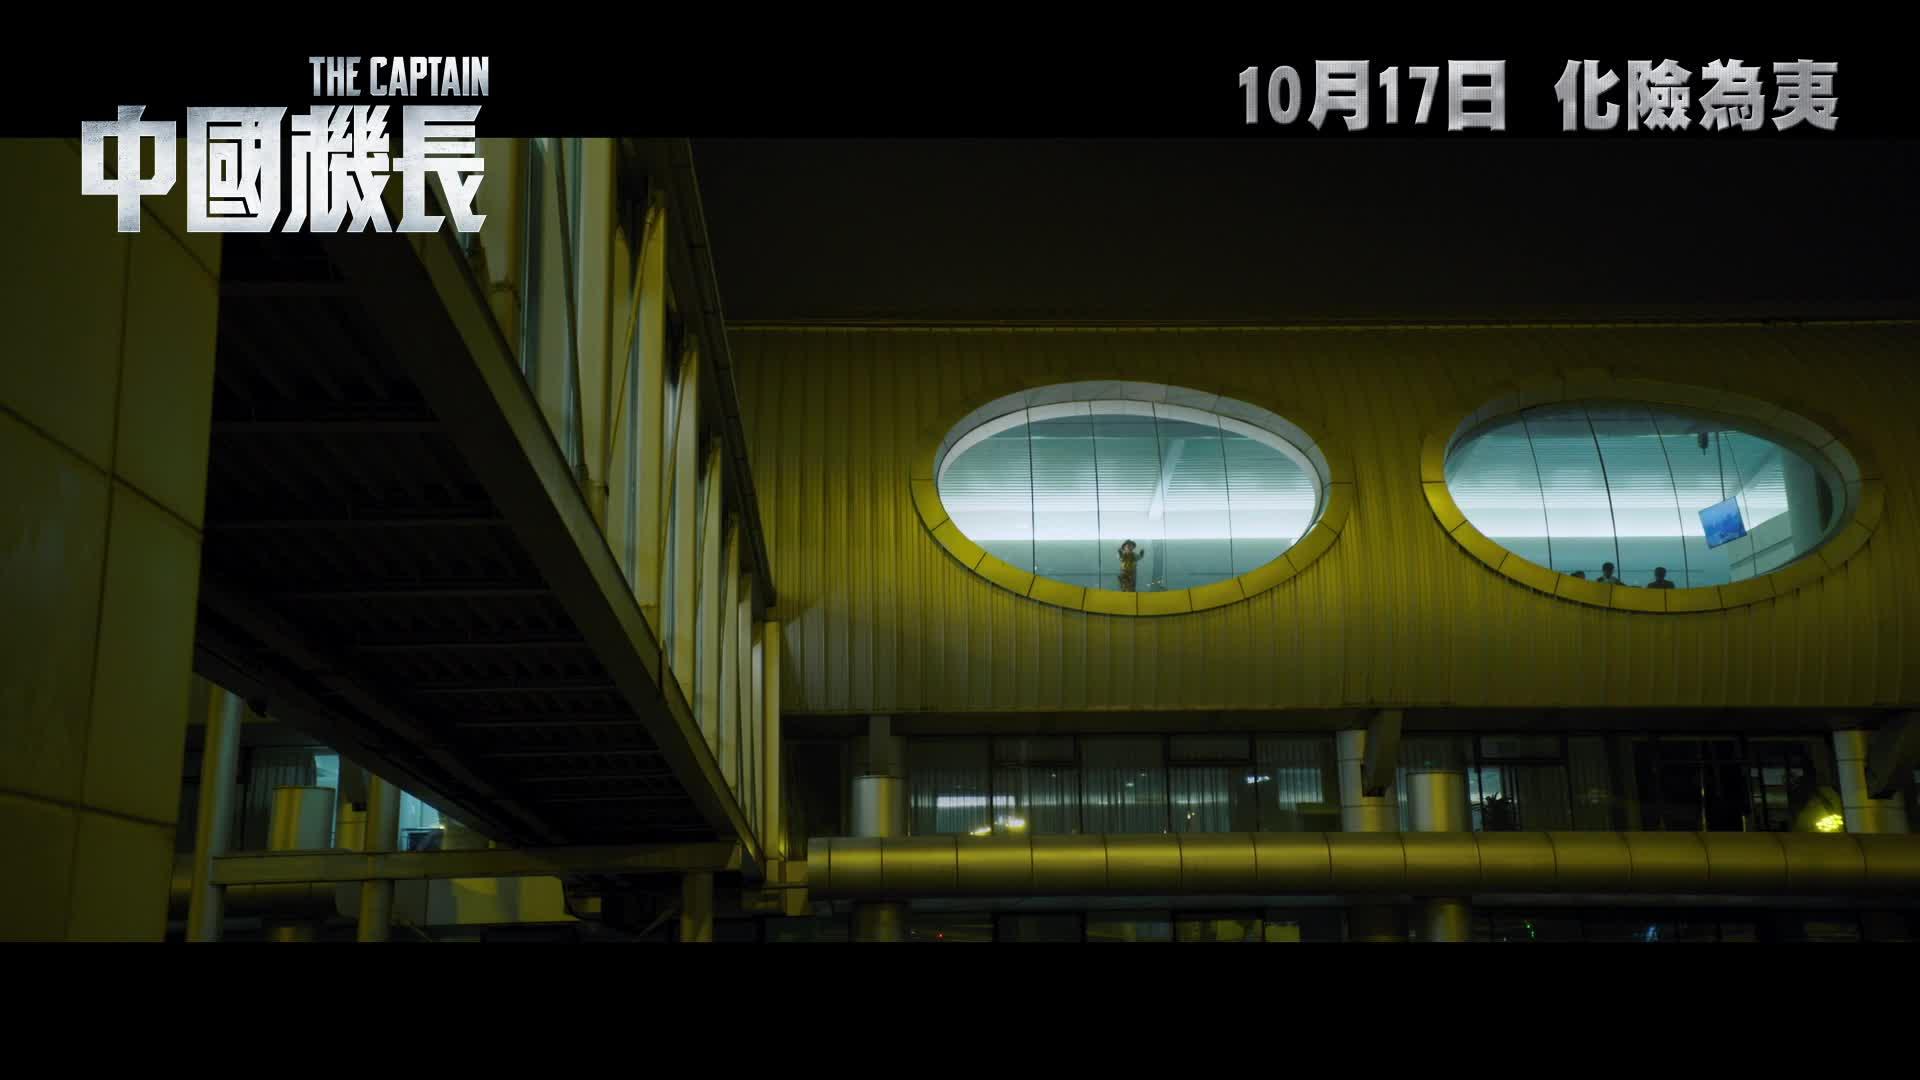 《中國機長》電影預告